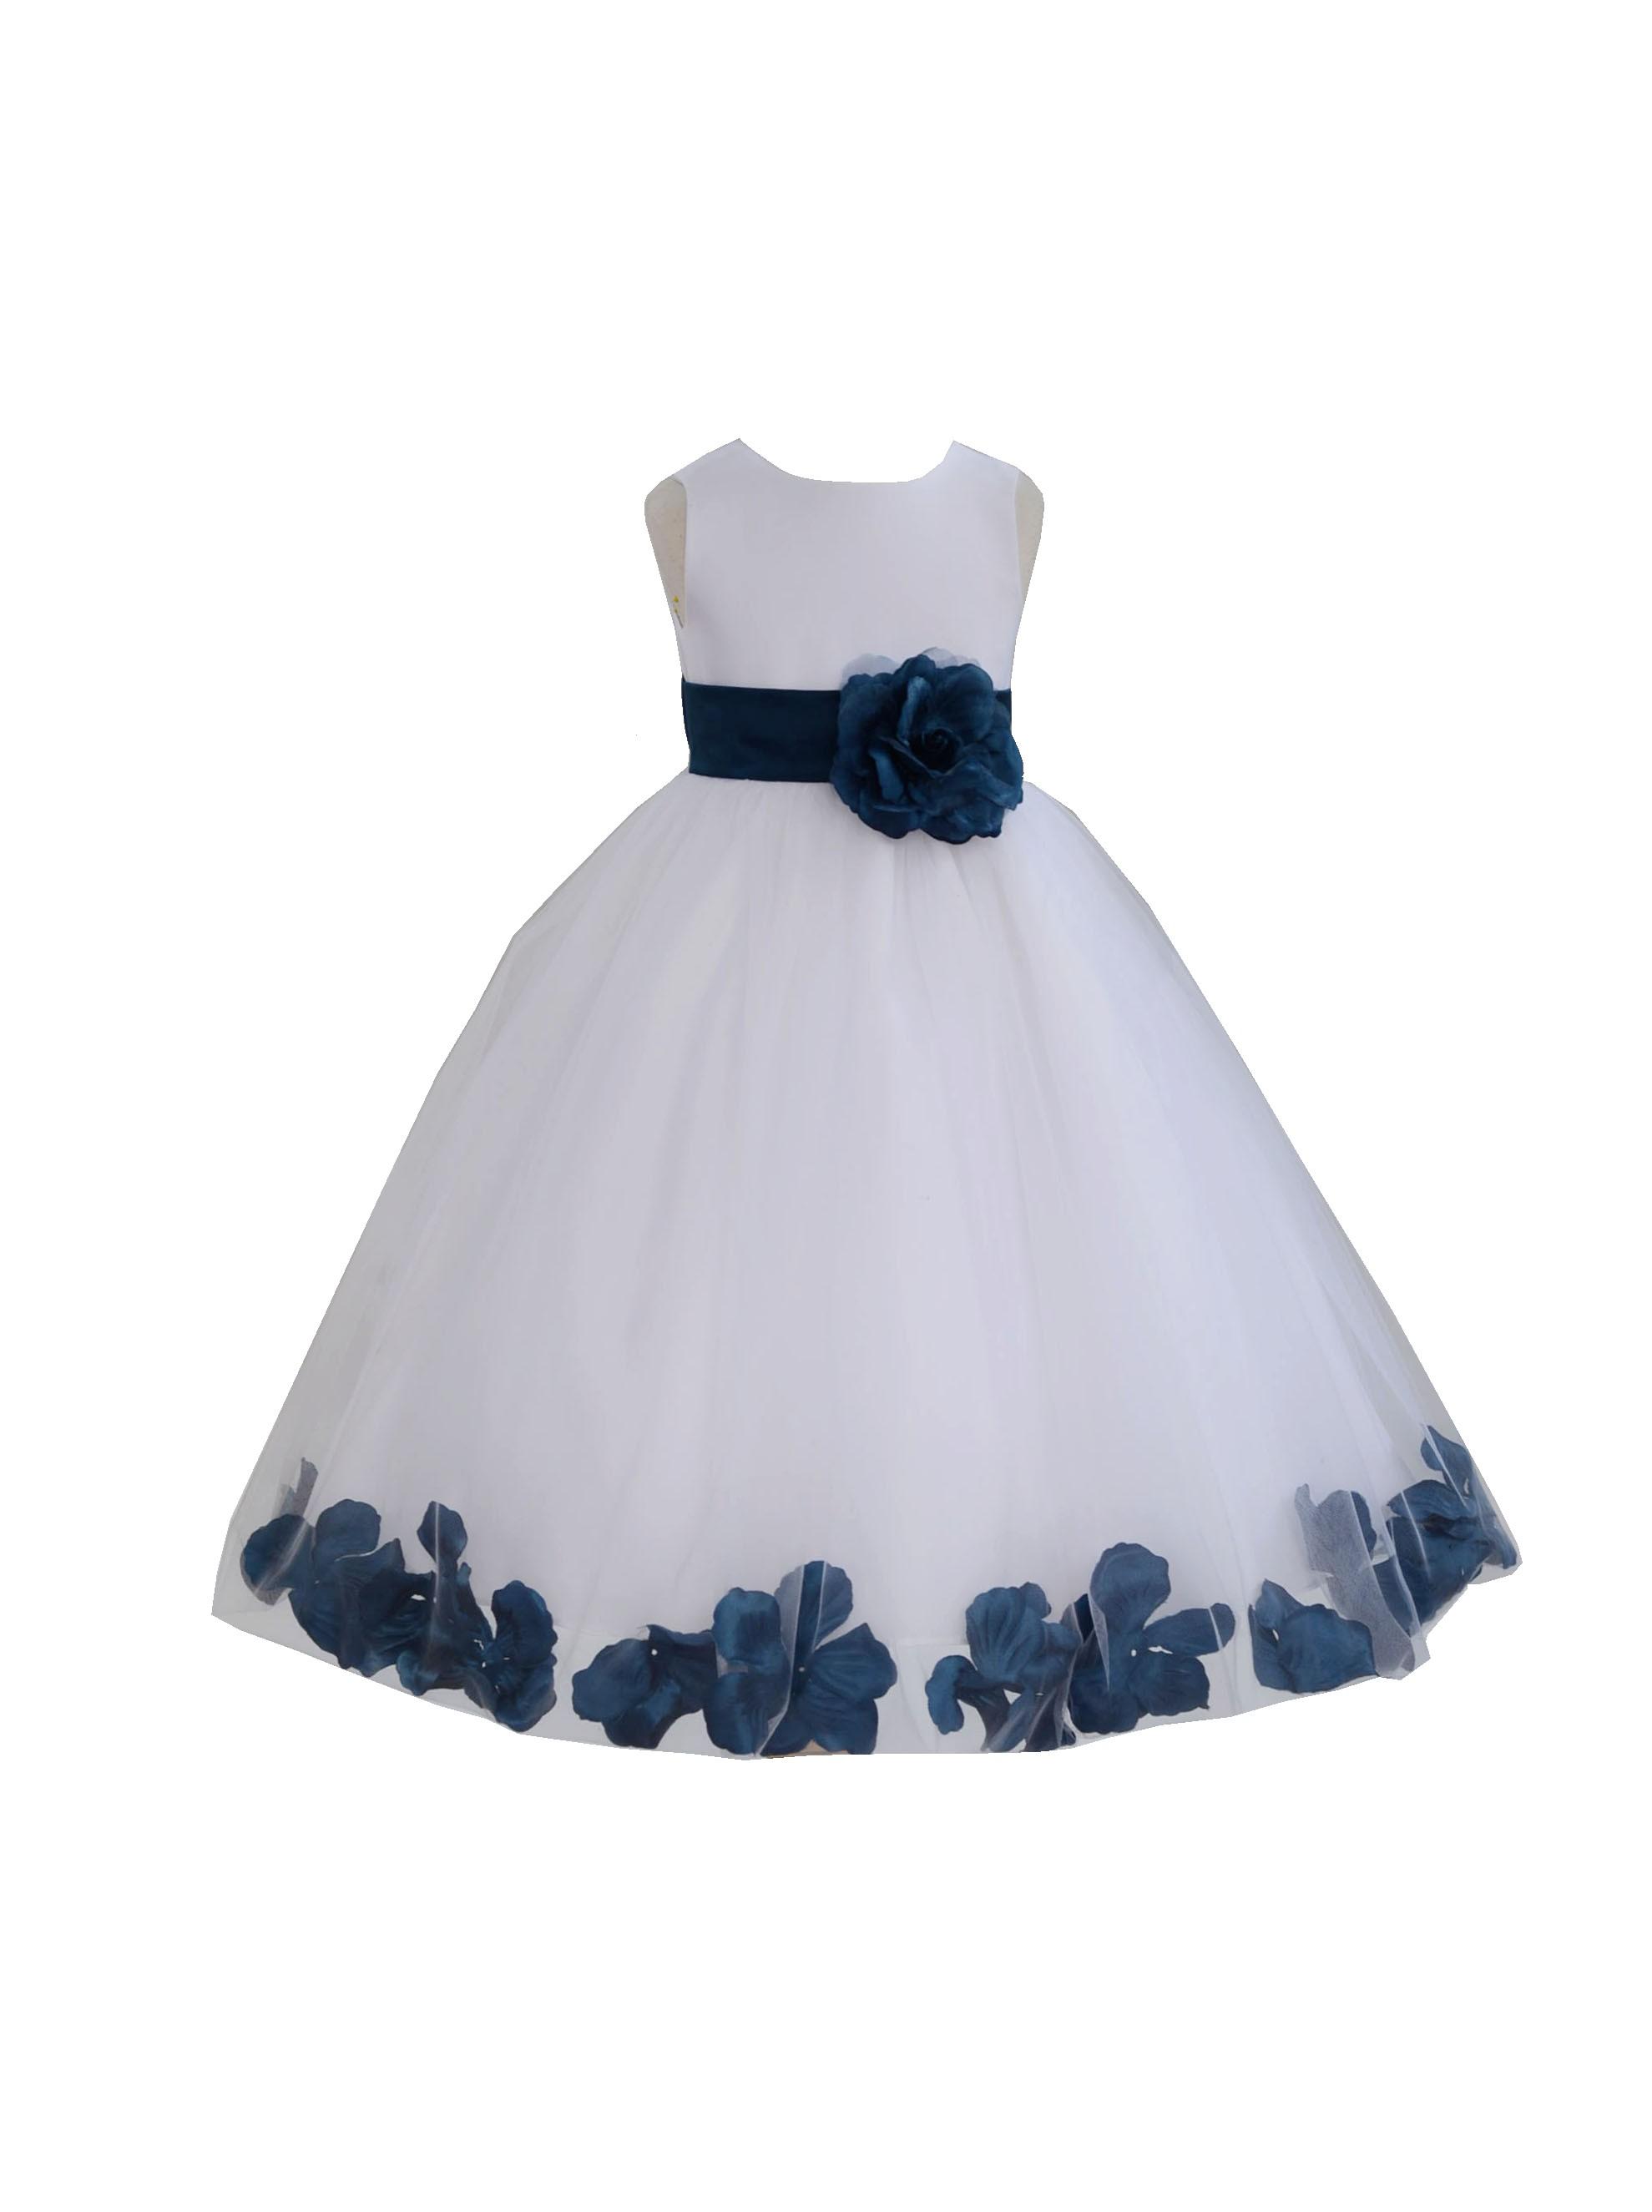 Whitenavy Tulle Rose Petals Flower Girl Dress Ceremonial 302a